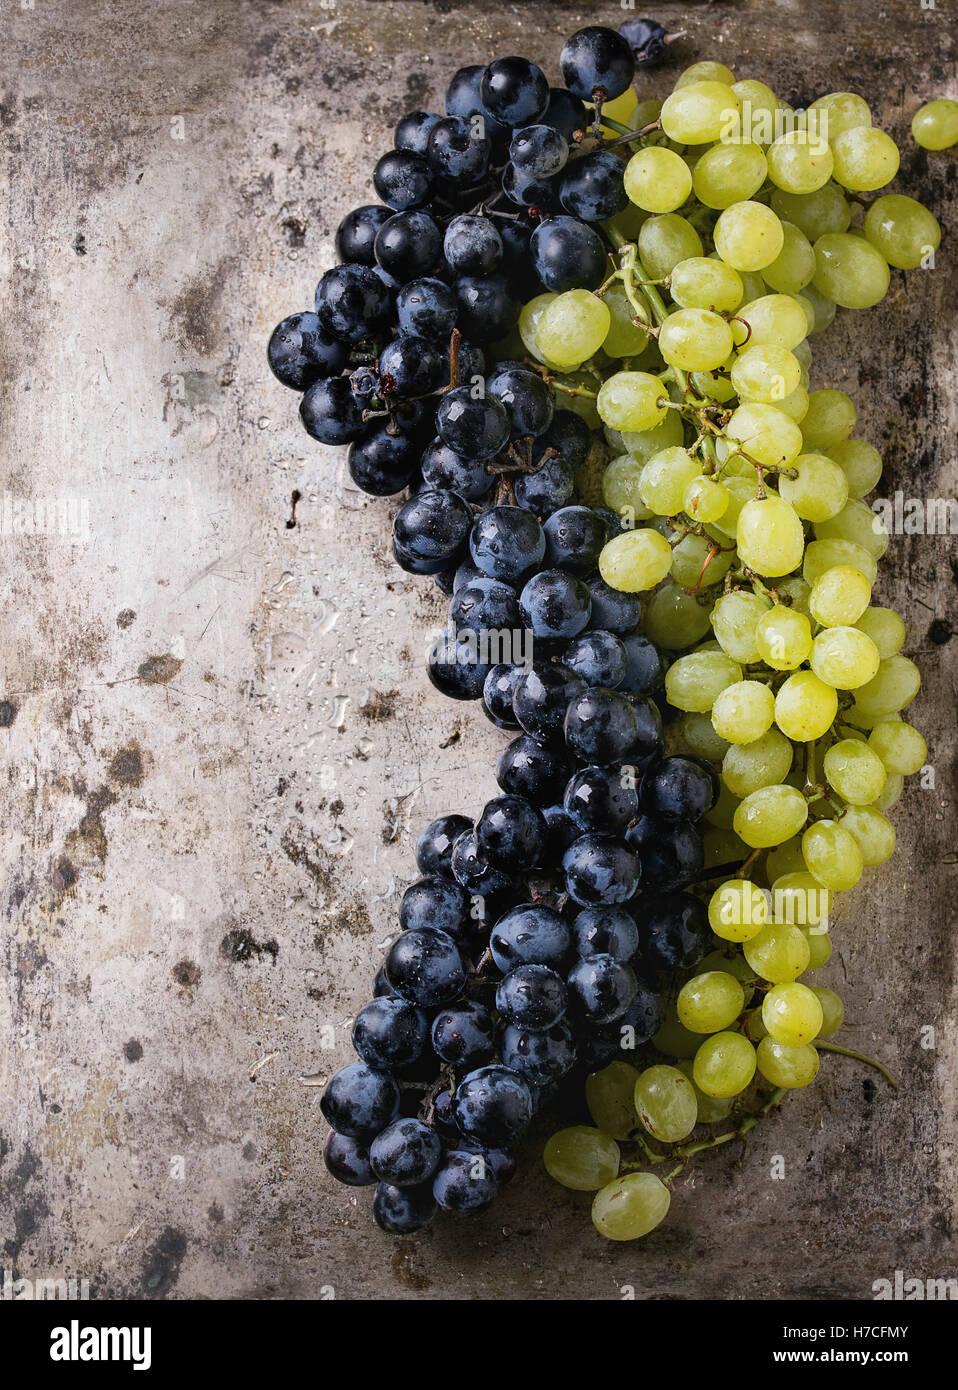 Die Trauben reifen nassen roten und weißen Trauben über alte Textur Metall Hintergrund. Draufsicht mit Stockbild